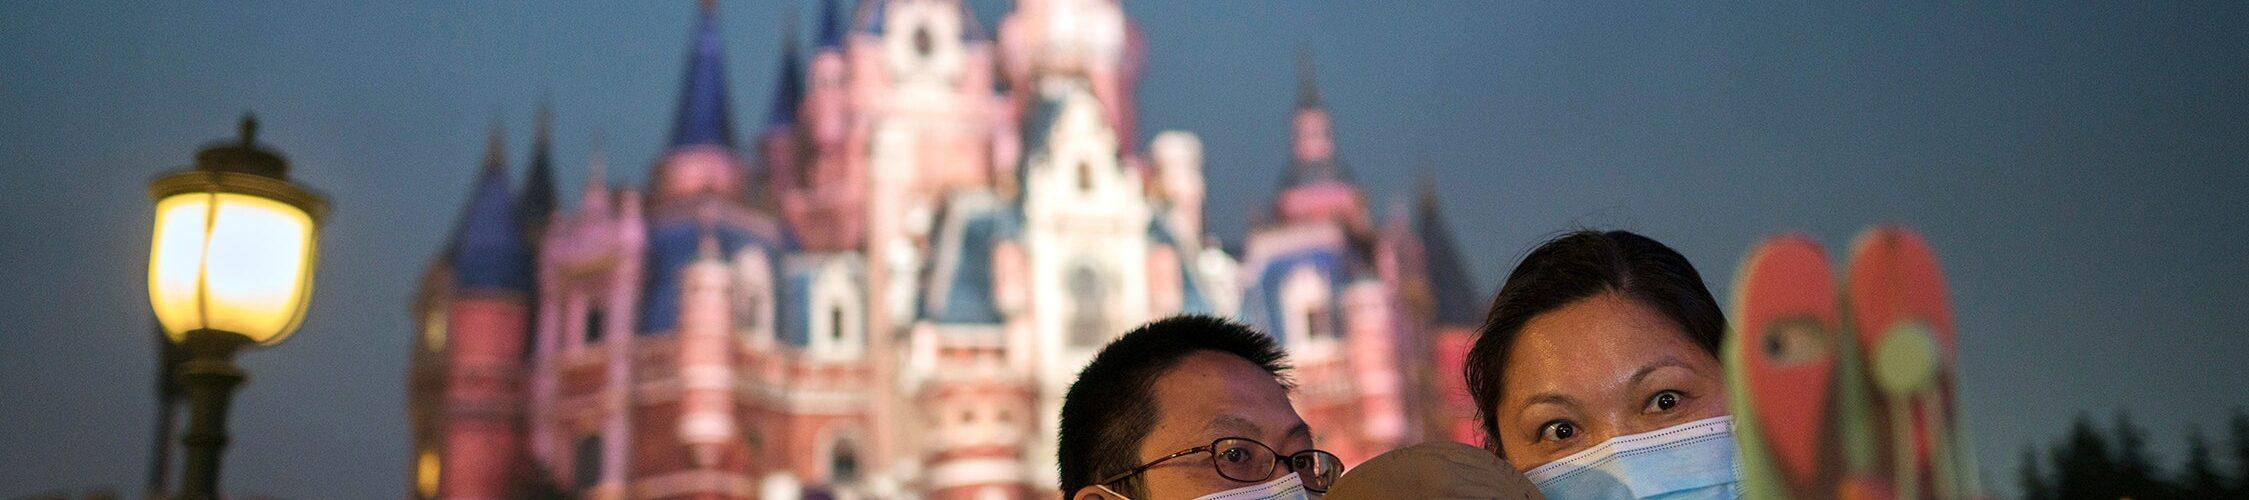 Resor Internasional Shanghai: 5 tahun, $ 6.16 miliar, 83 juta pengunjung